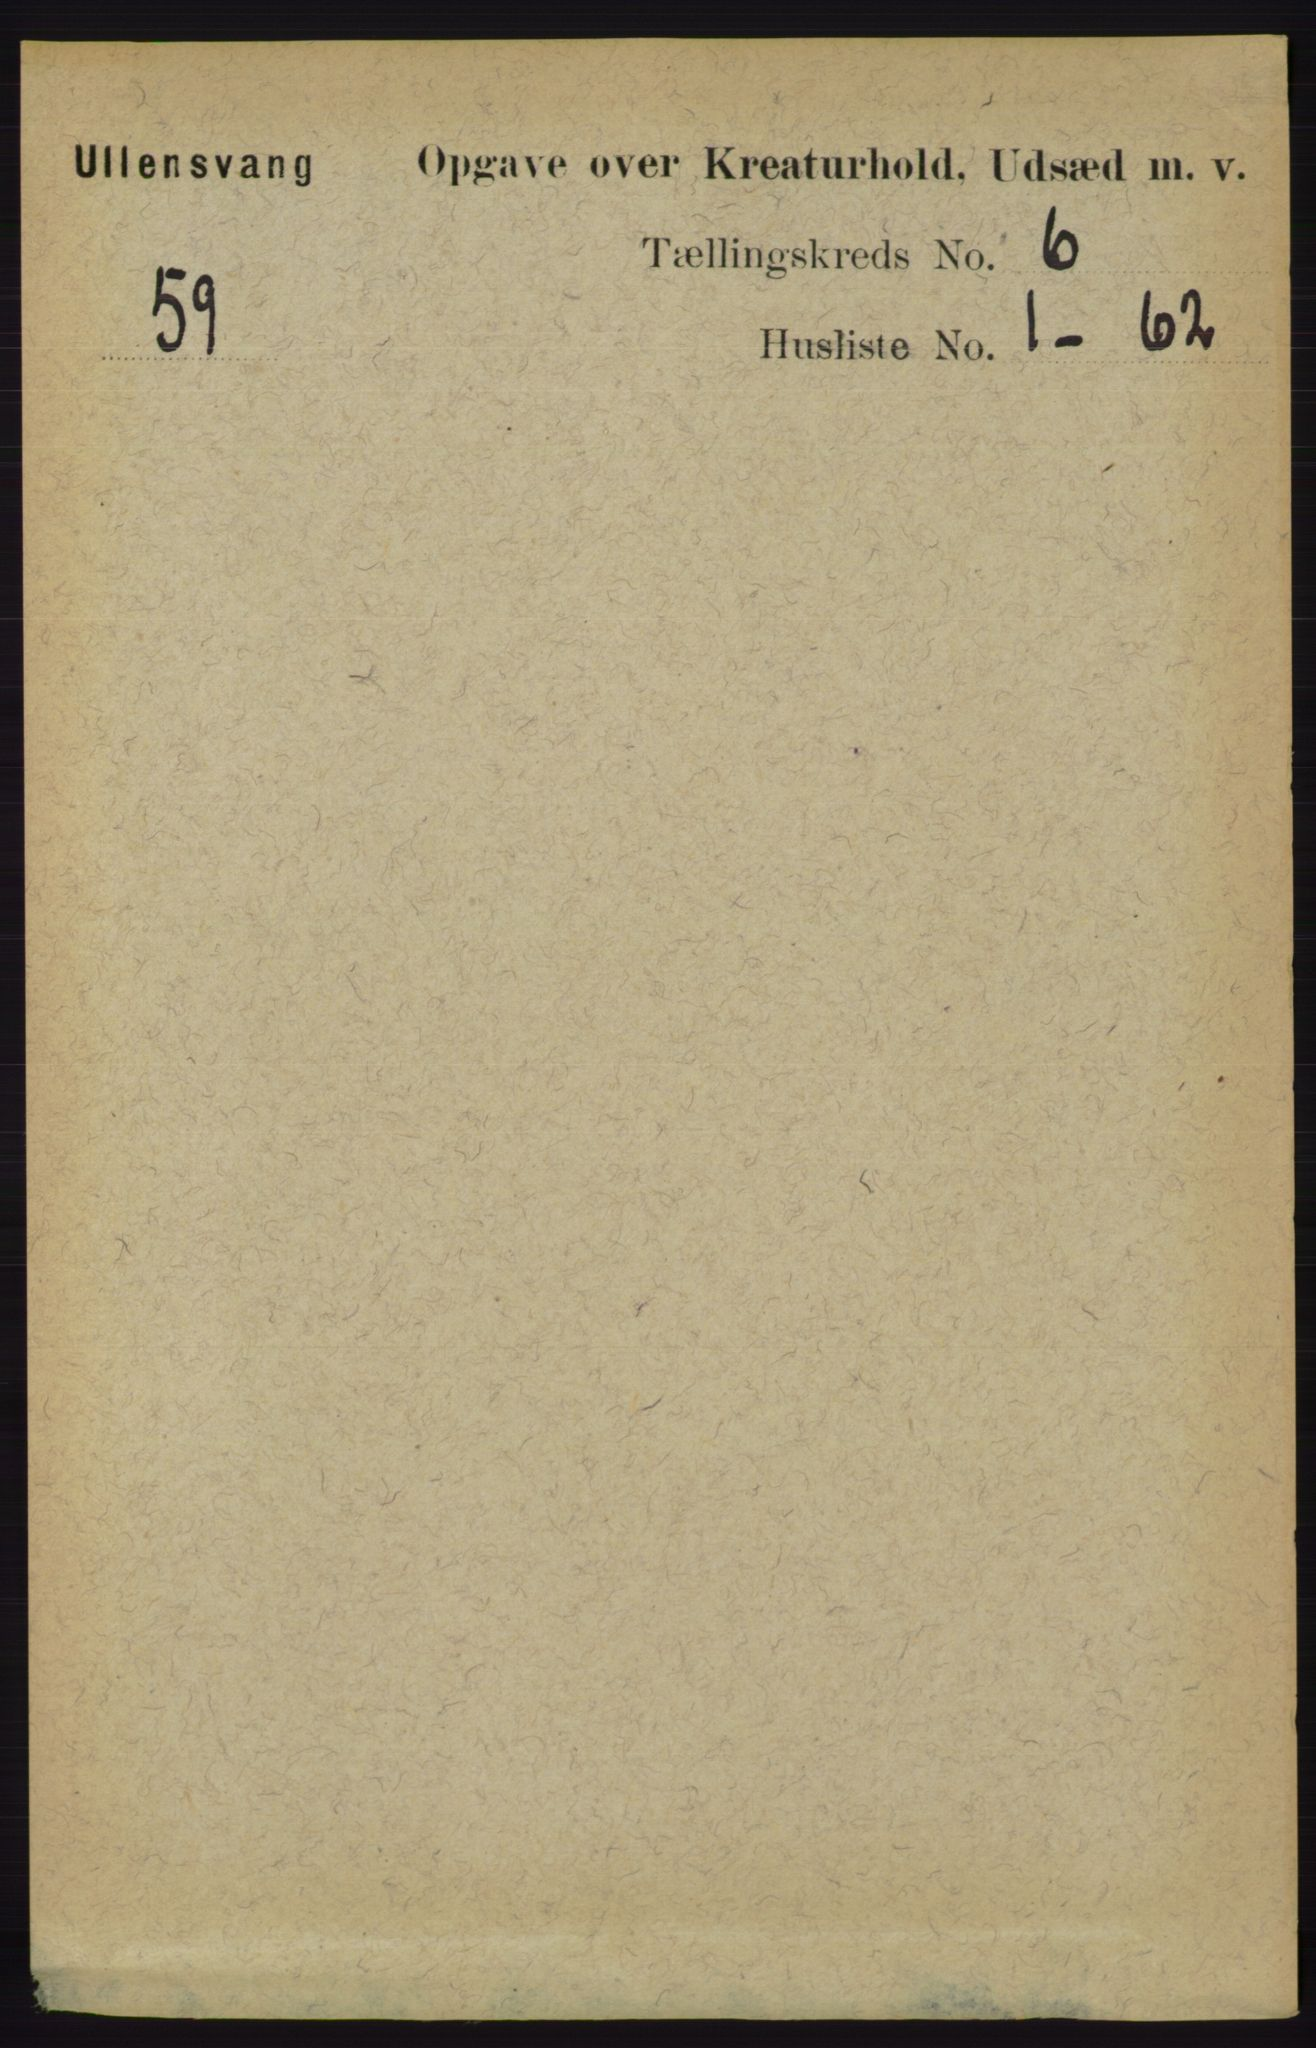 RA, Folketelling 1891 for 1230 Ullensvang herred, 1891, s. 7207